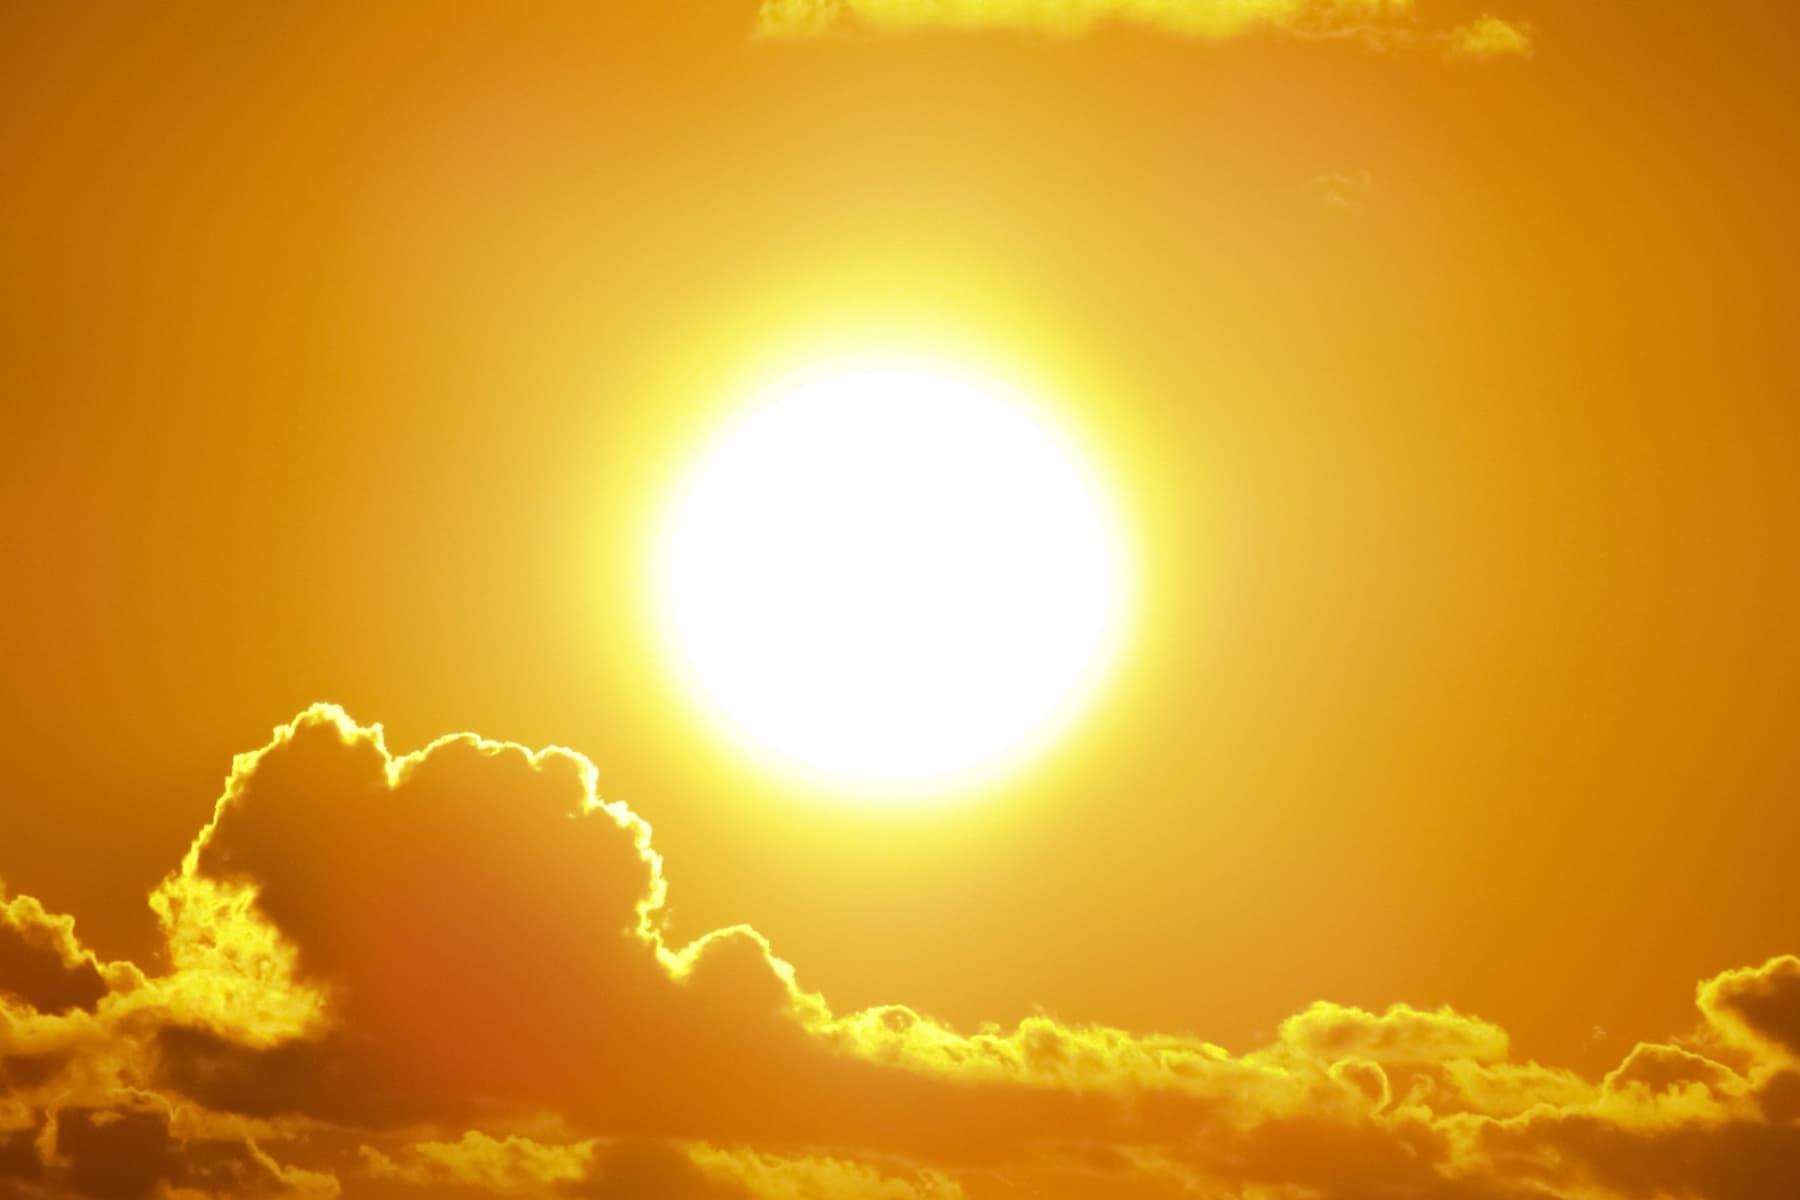 Sonnenschutz-Studie: 2 von 5 Deutschen haben Angst vor Hautkrebs